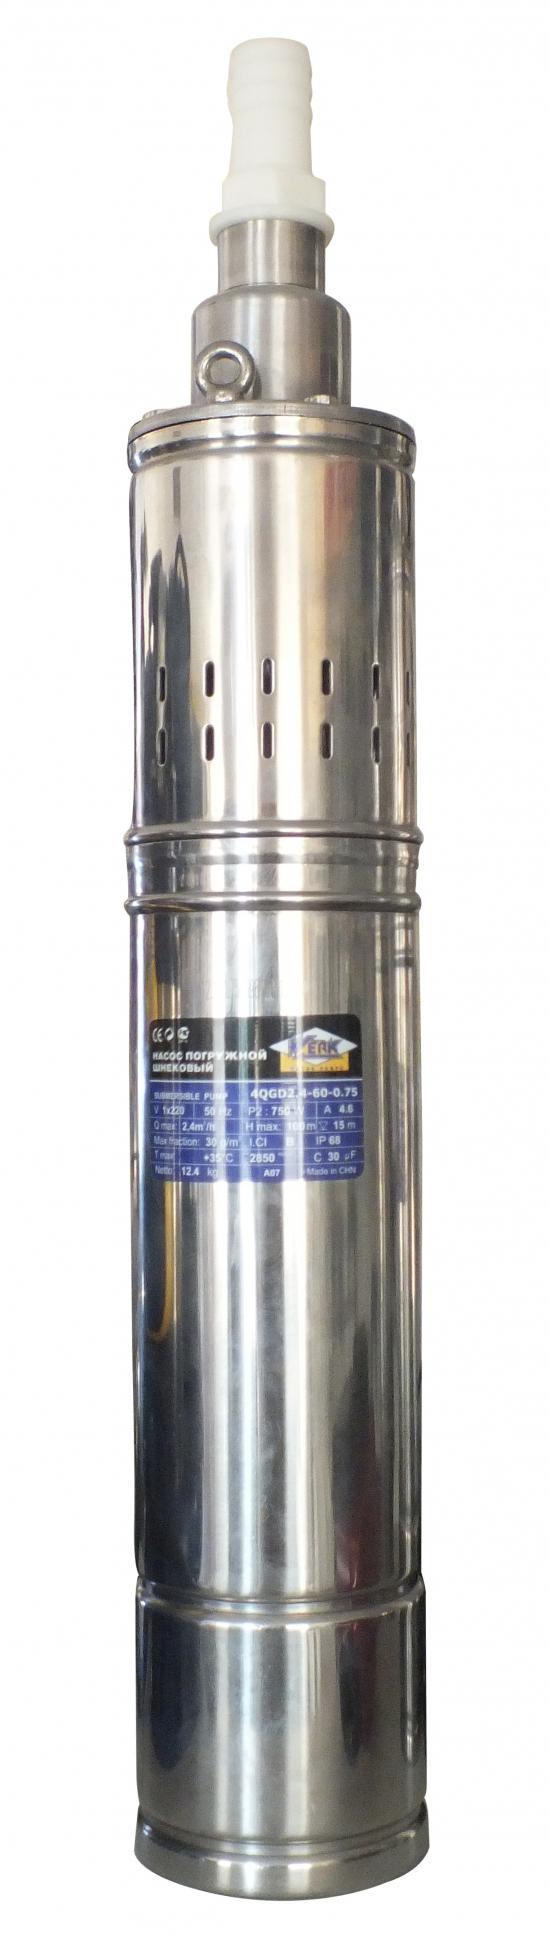 WERK 4QGD2.4-60-0.75 Скважинный насос